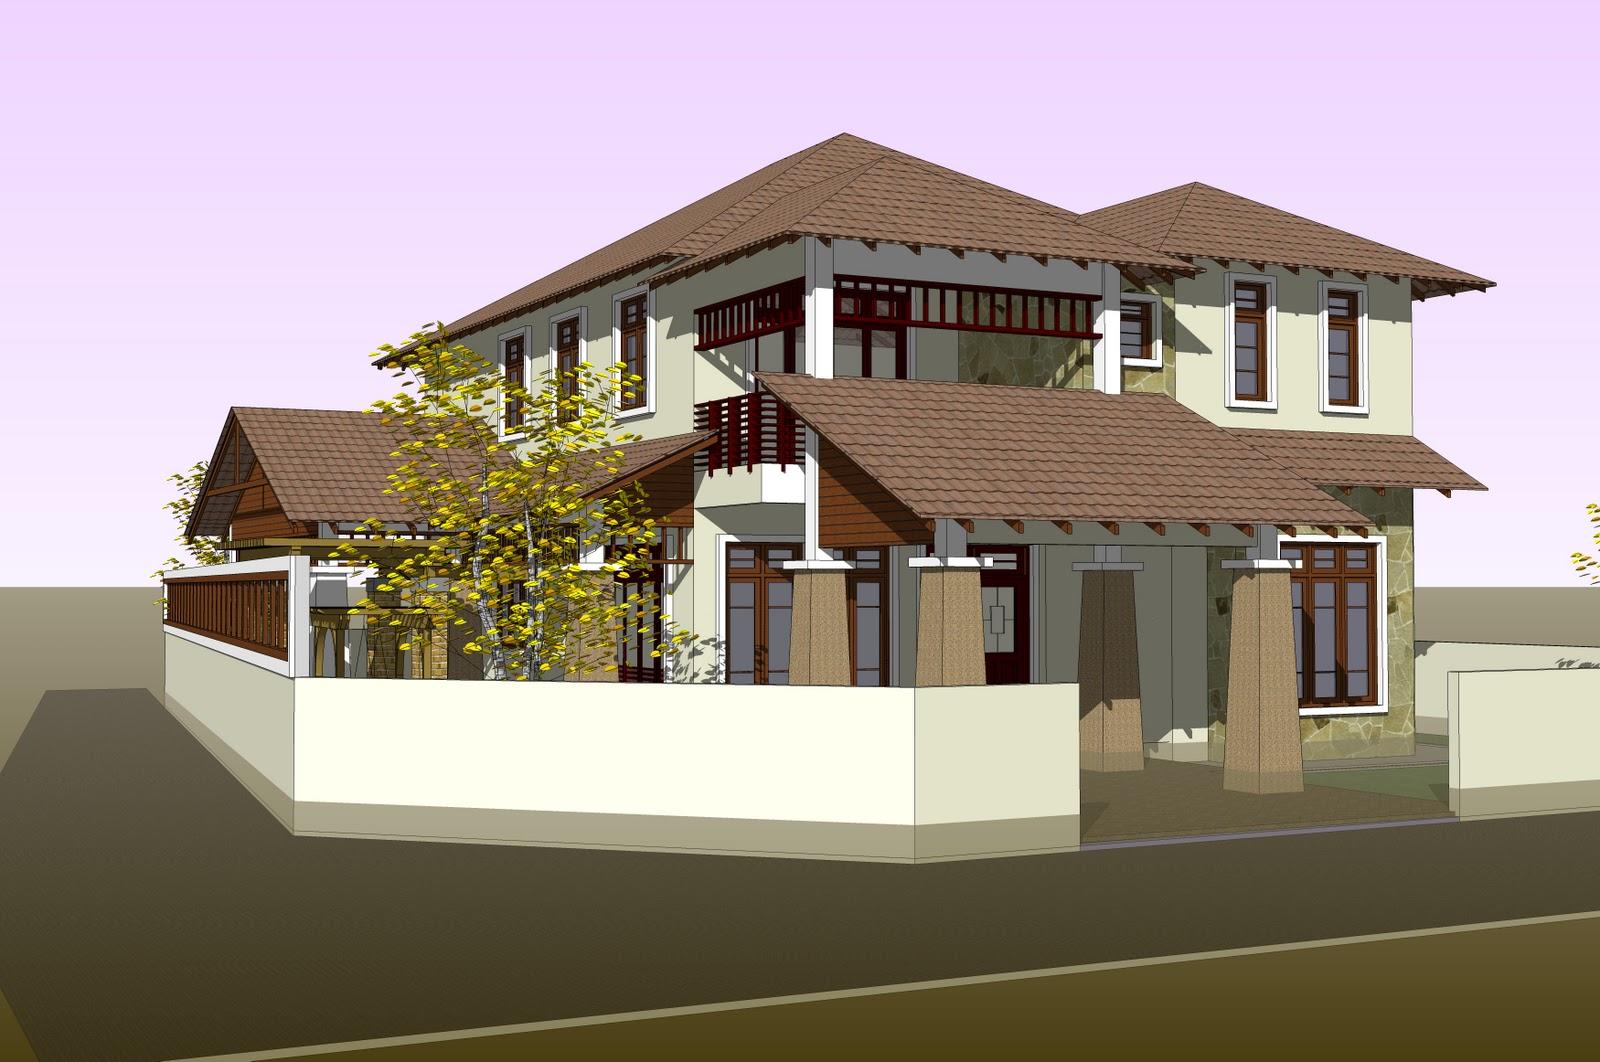 Yang Terdiri Dari Pelukis Pelan Arkitek Dan Jurutera Bekerja Secara Freelance Menyediakan Khidmat Melukis Khasnya Untuk Rumah Banglo